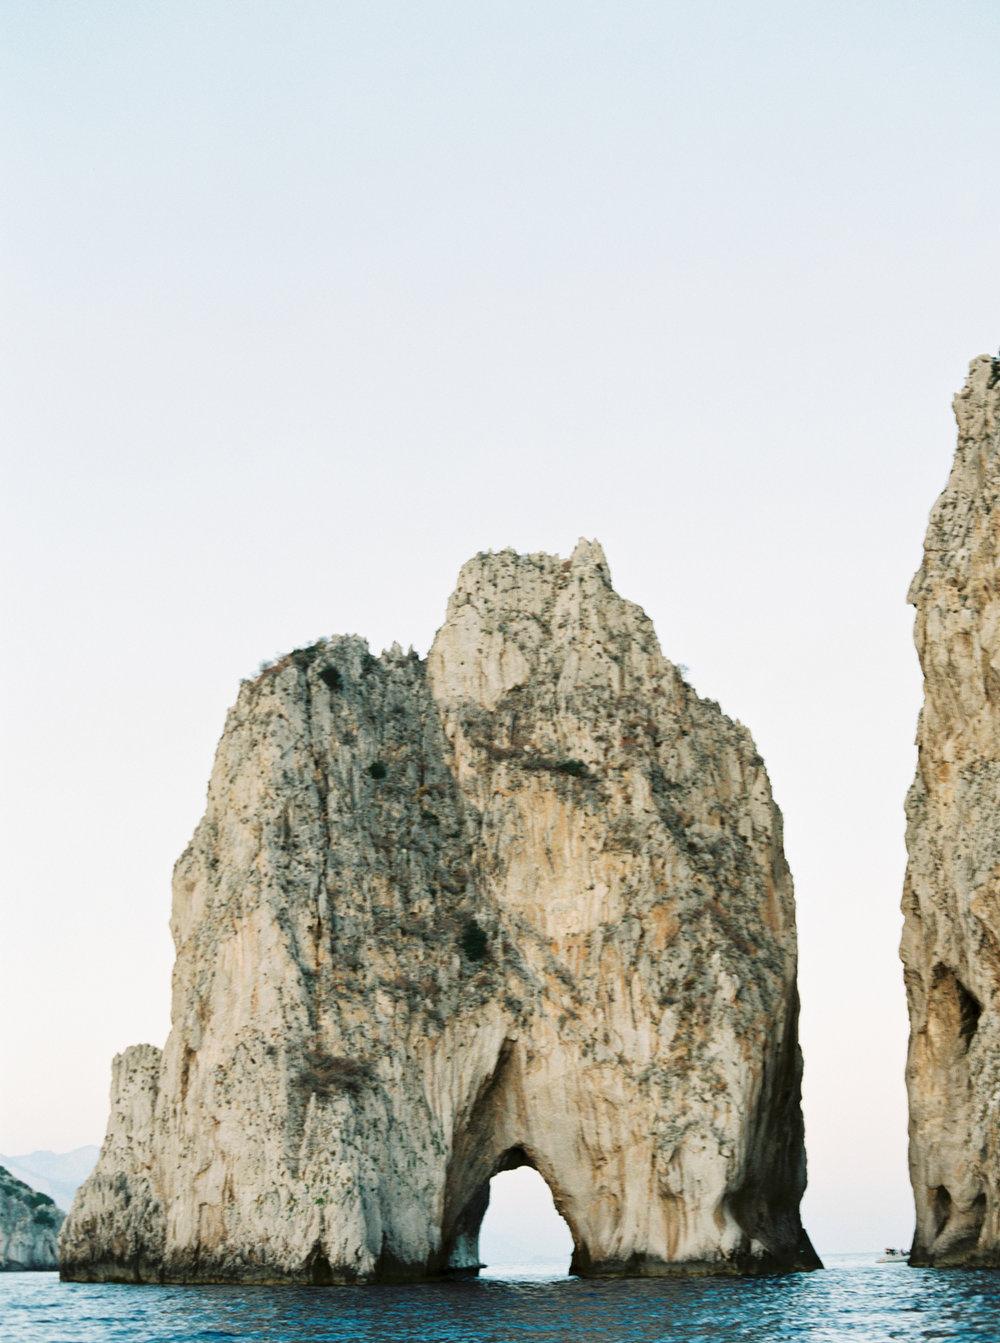 Erich-Mcvey-Capri-Coco-Lane.jpg-16.jpg